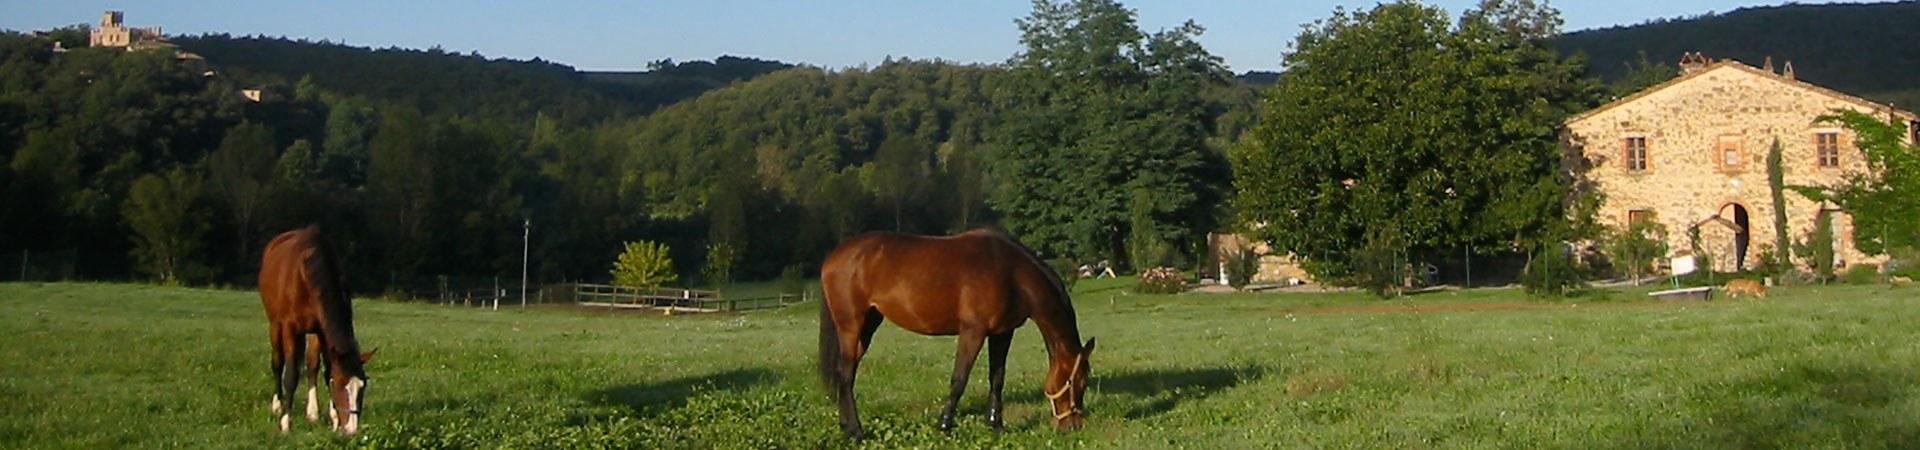 Grasende Pferde vor Haus